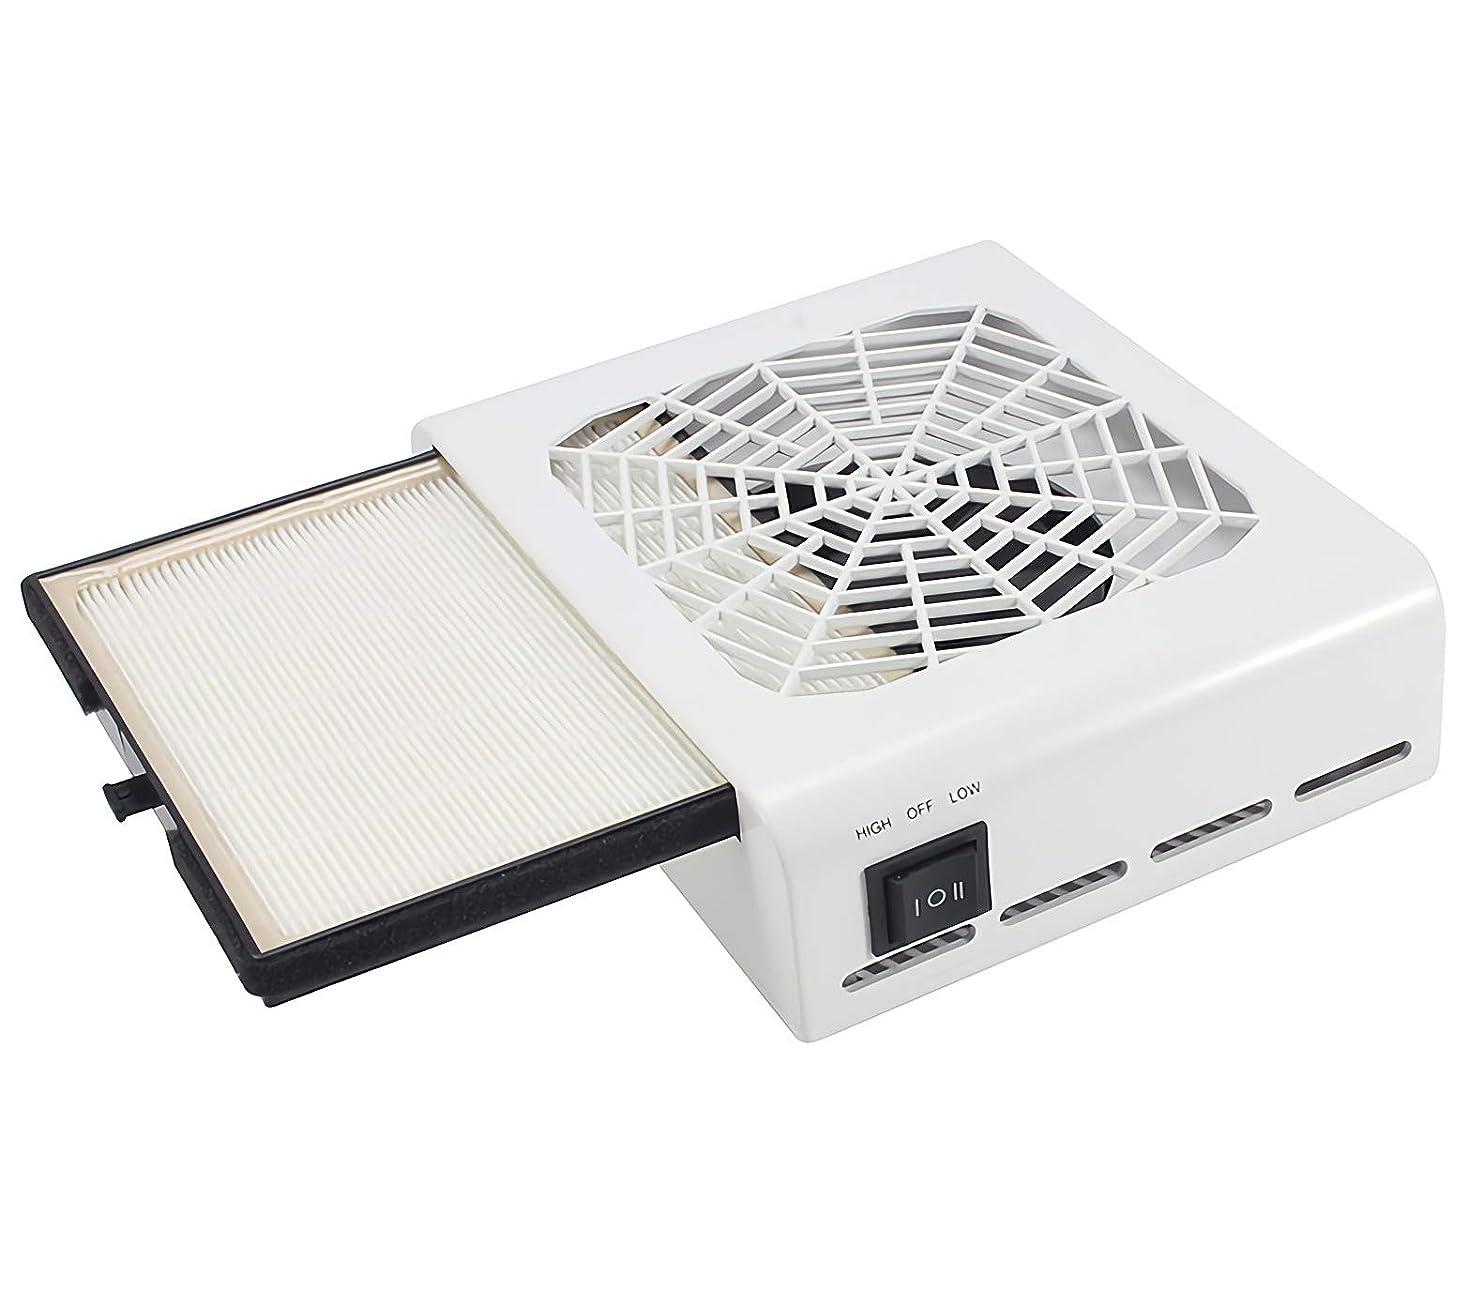 ネイルダスト 集塵機 ジェルネイル ネイル機器 最新版 セルフネイル 低騒音 110V 40W パワー調節可能 白